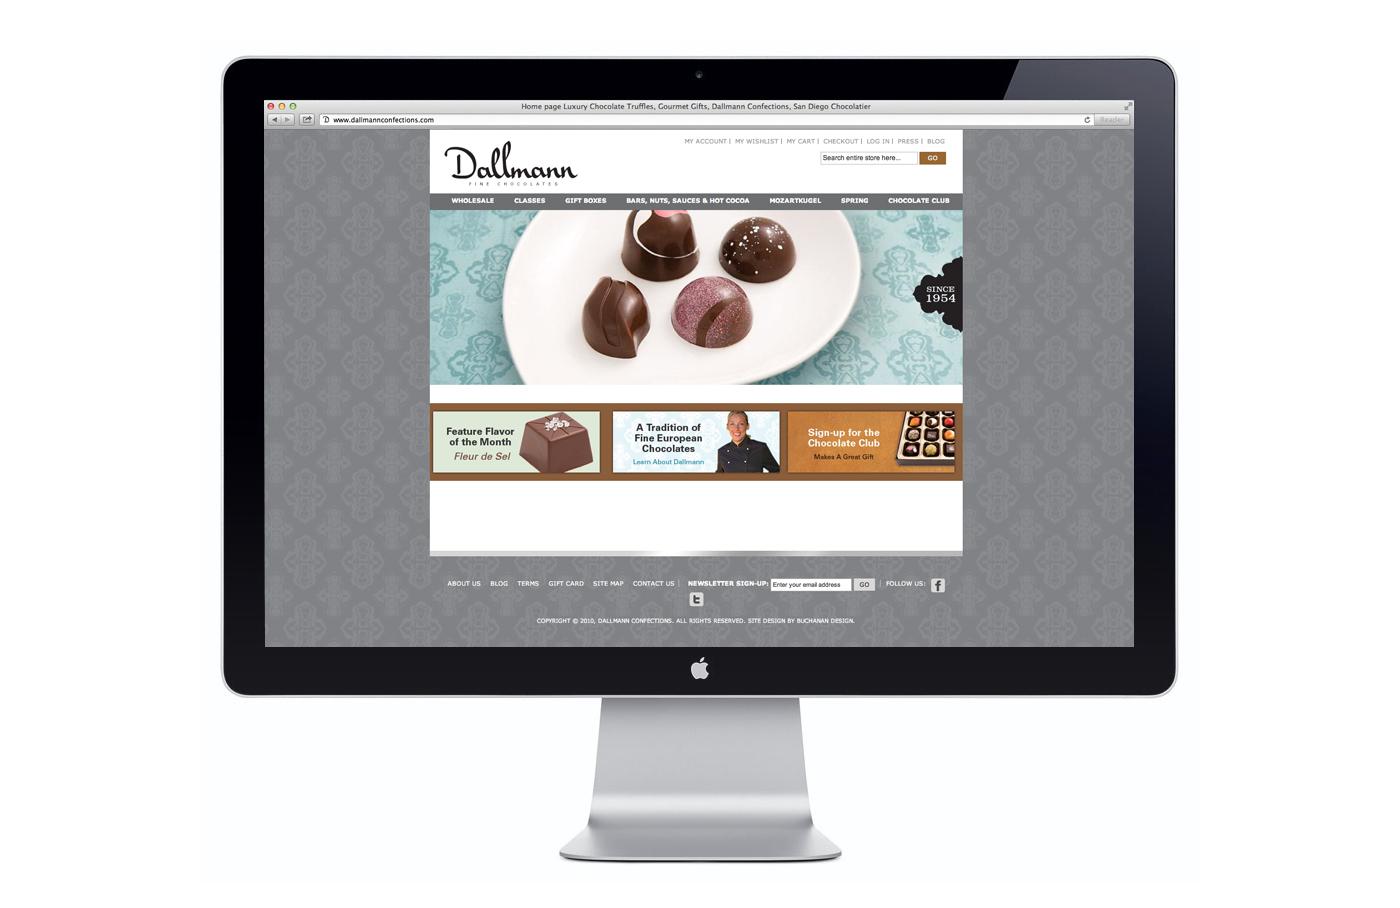 Dallmann_Site.jpg